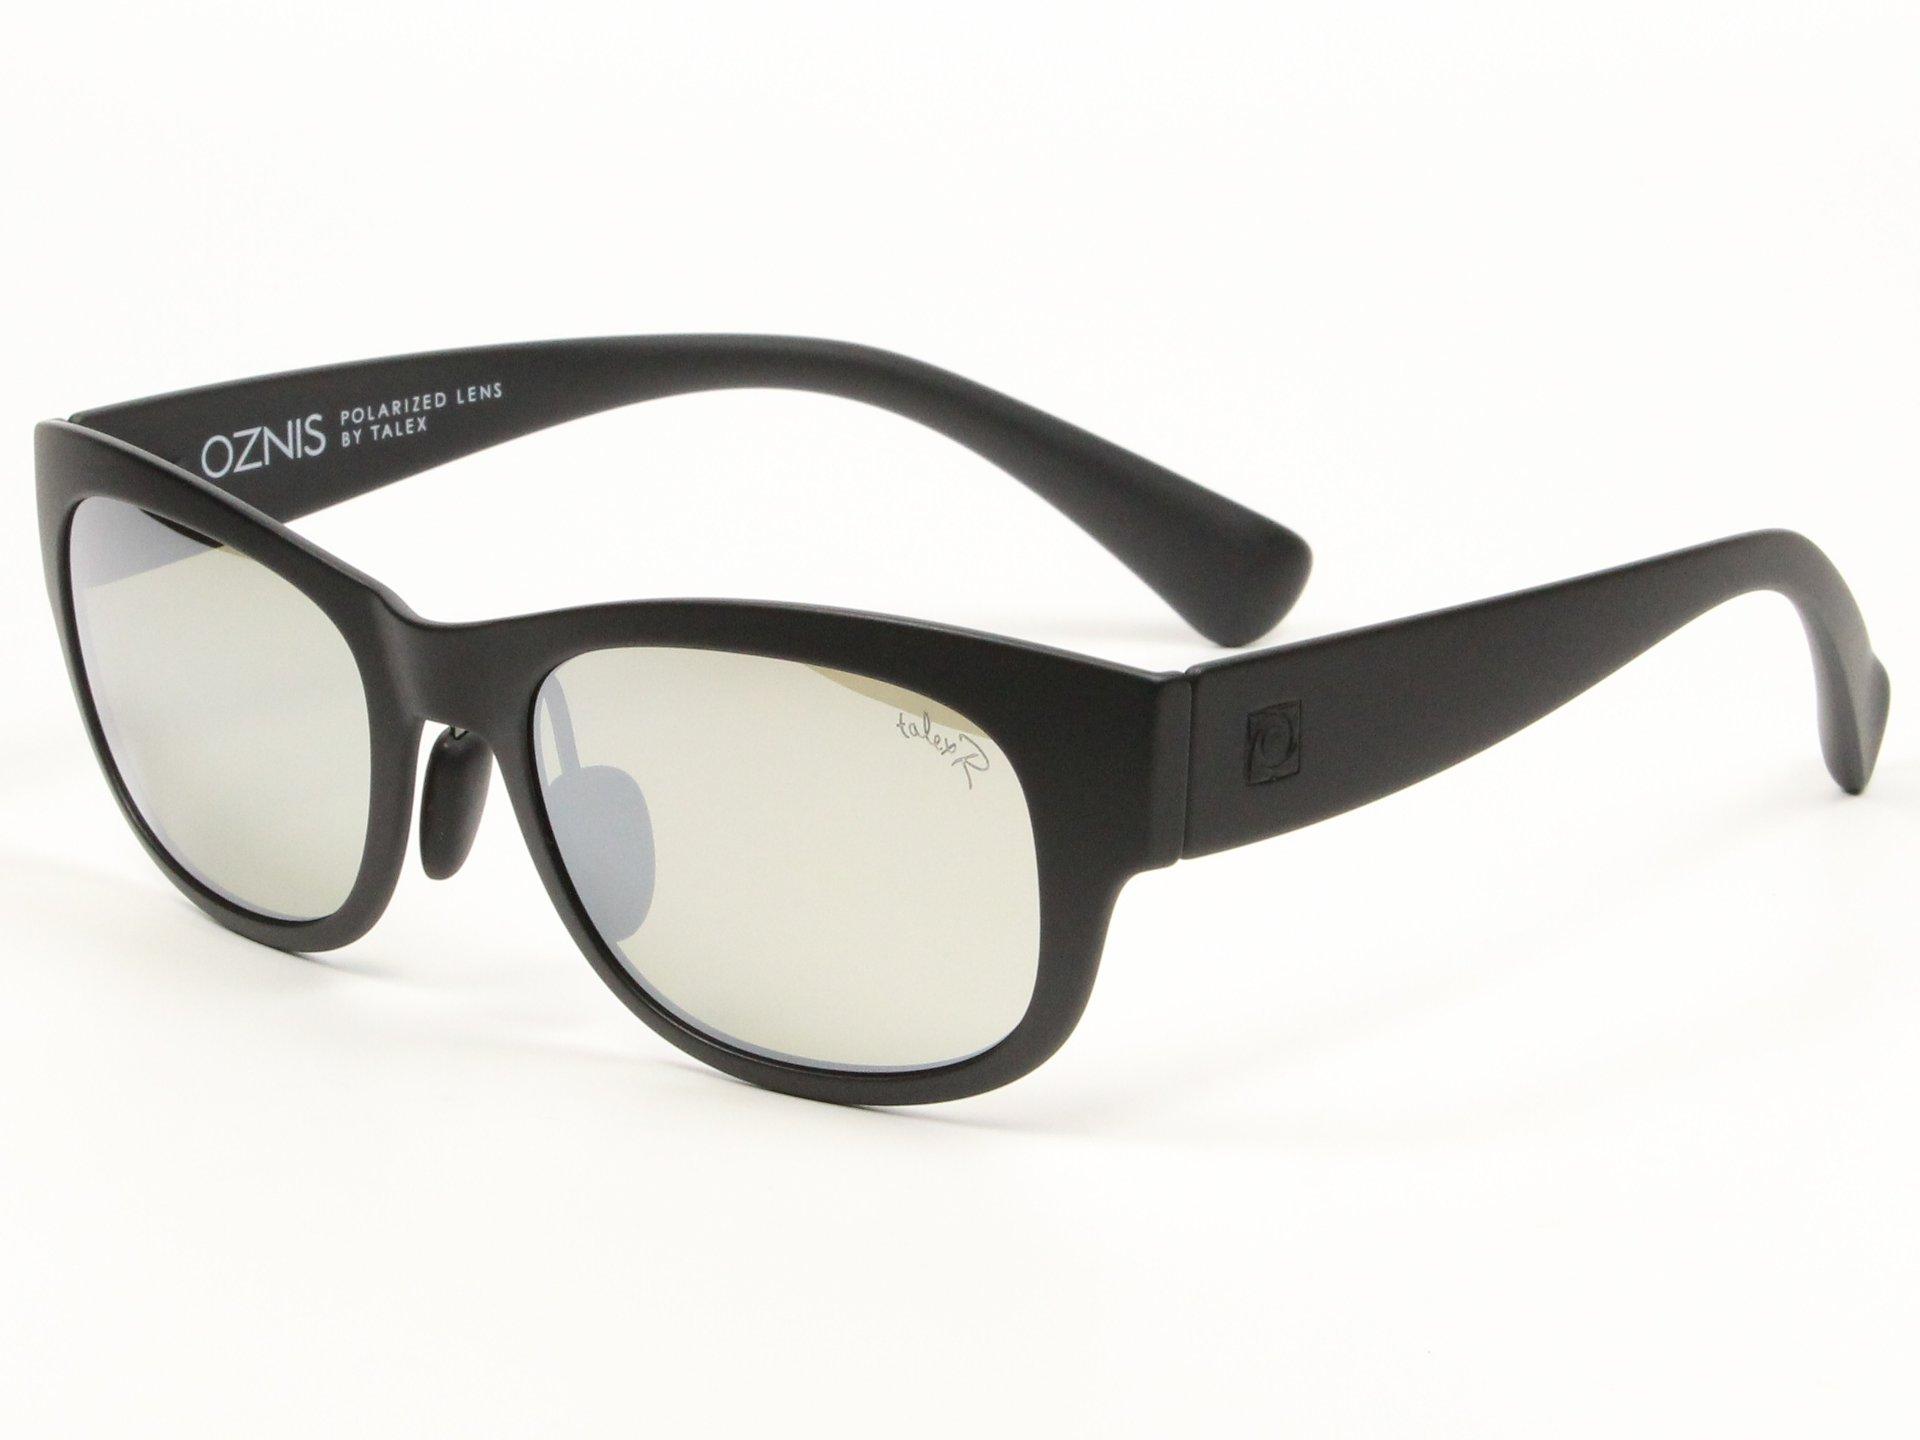 TALEX(タレックス)度なしサングラス製作例 OZNIS FLAT05(オズニス・フラット05)